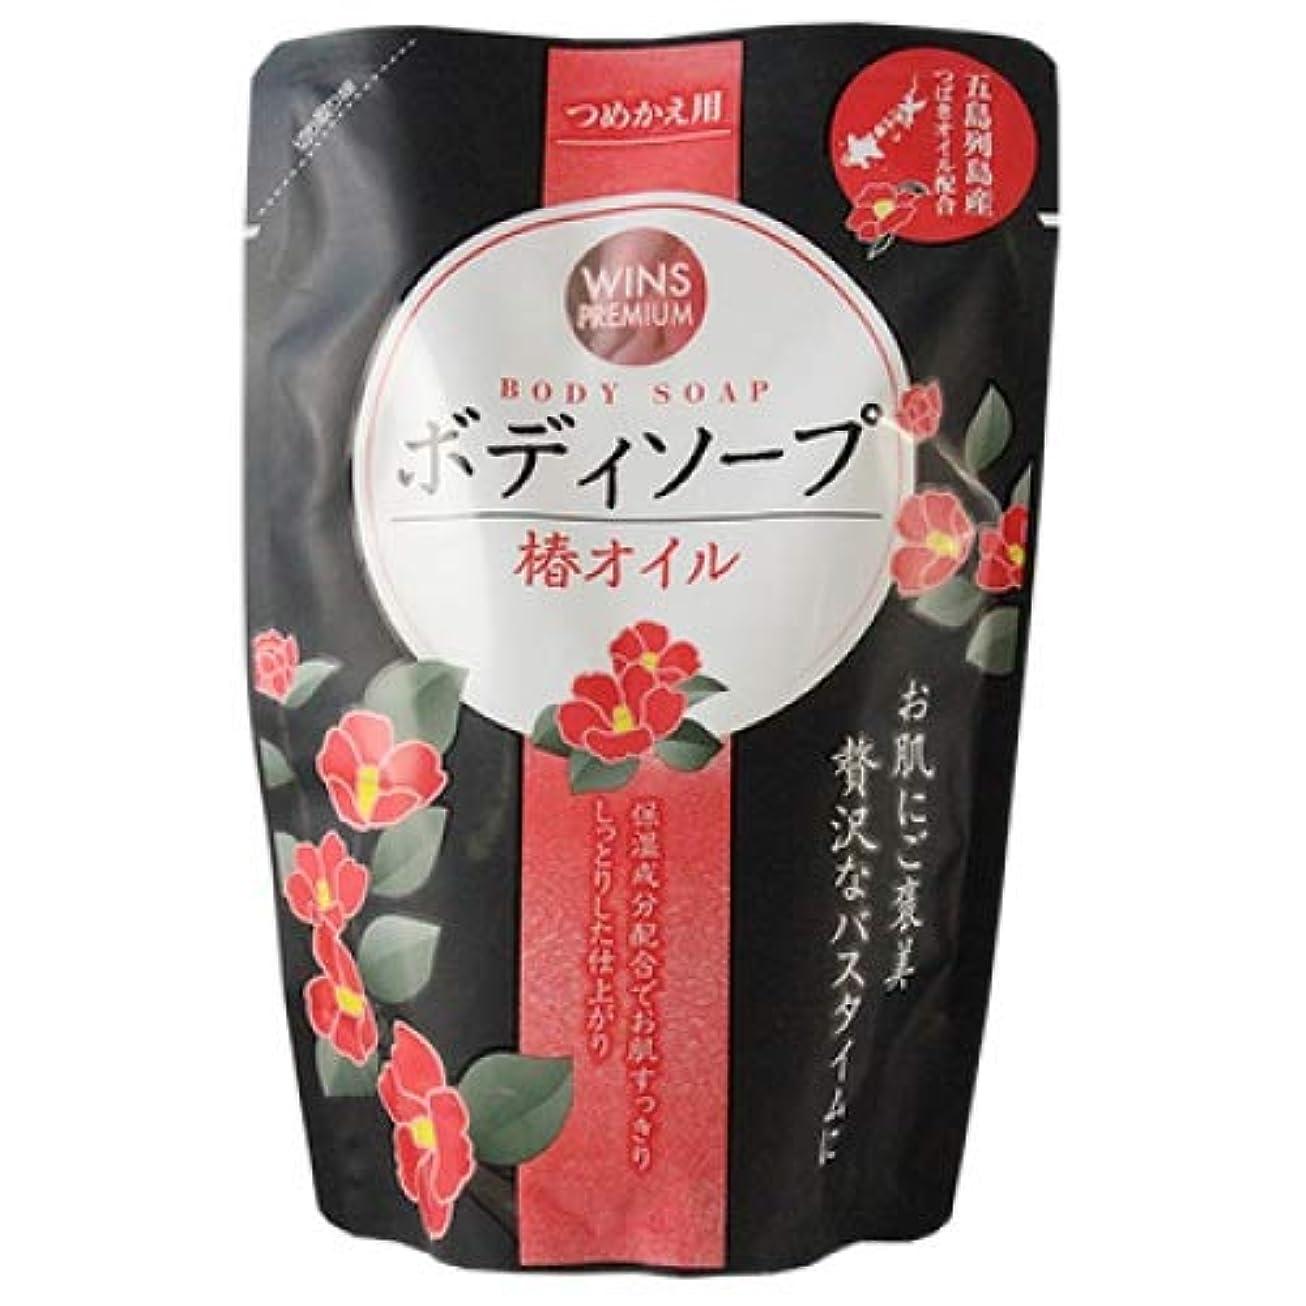 染料ガジュマルフォアタイプ日本合成洗剤 ウインズ 椿オイル ボディソープ つめかえ用 400mL 4904112827240